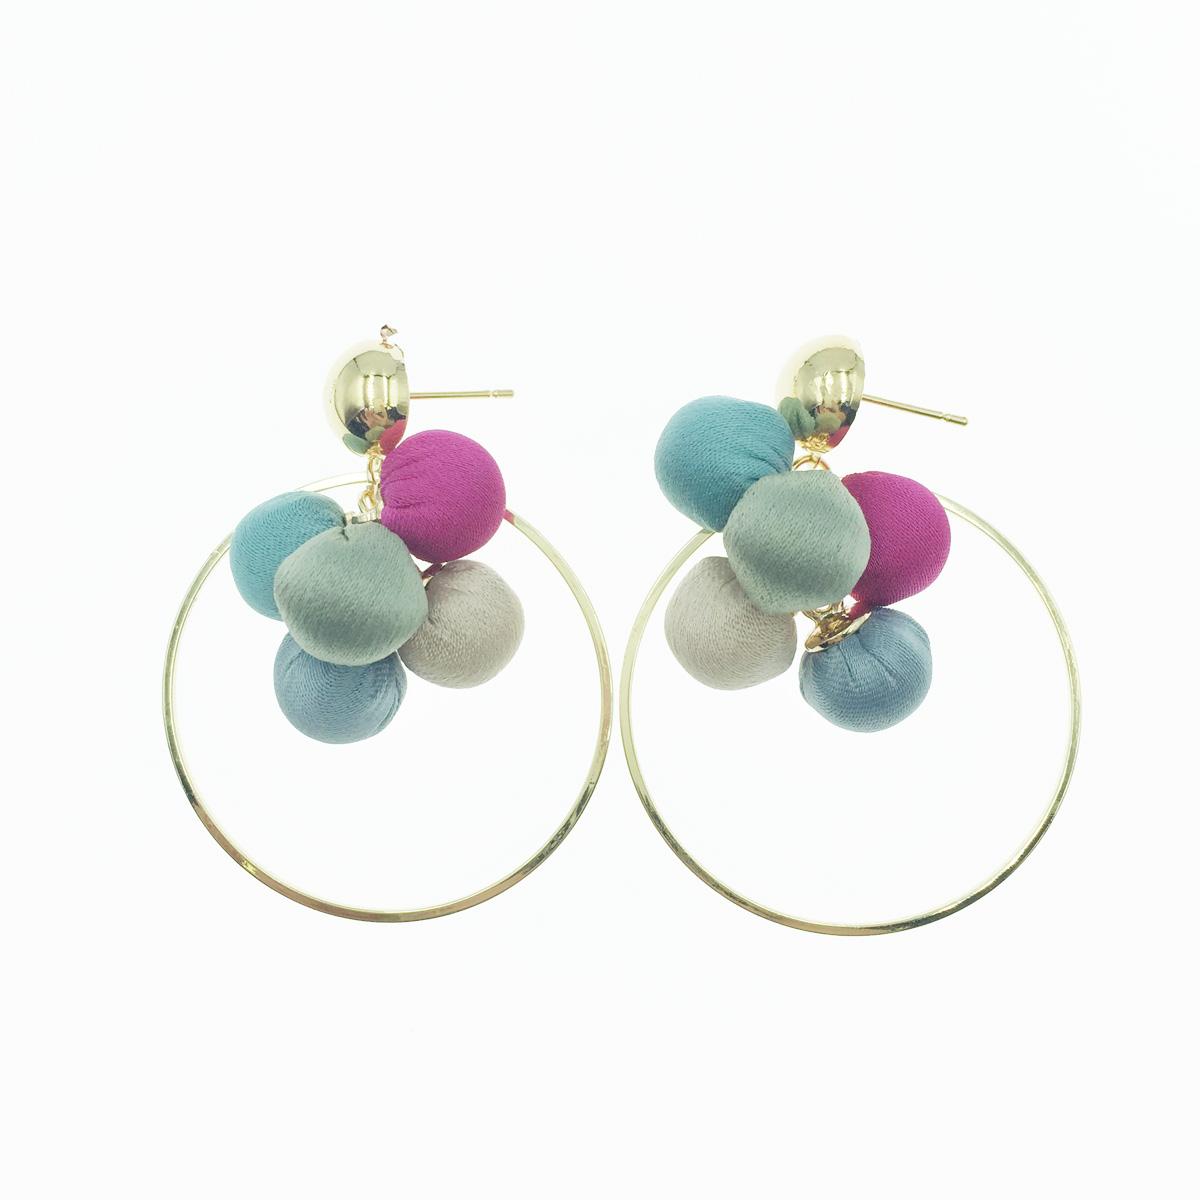 韓國 925純銀 簍空金圓圈 布面珠球 垂墜感 耳針式耳環